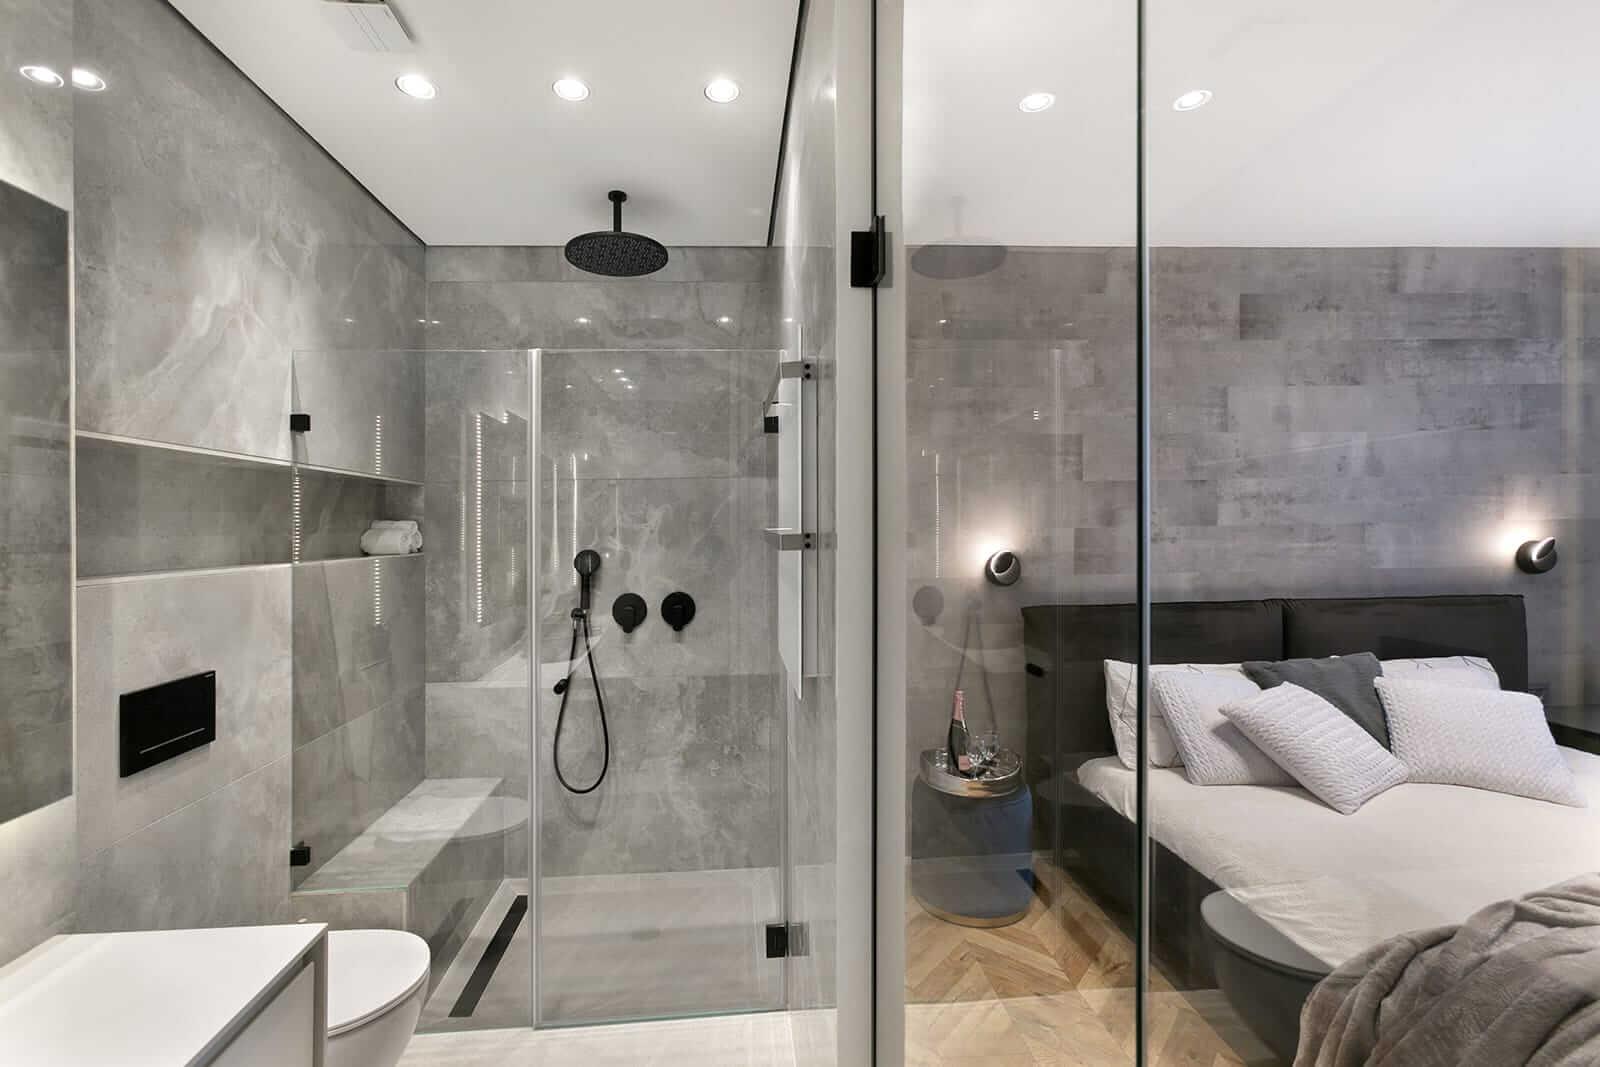 פרויקט תאורה מבית סיטי לייט חדר שינה ומקלחת